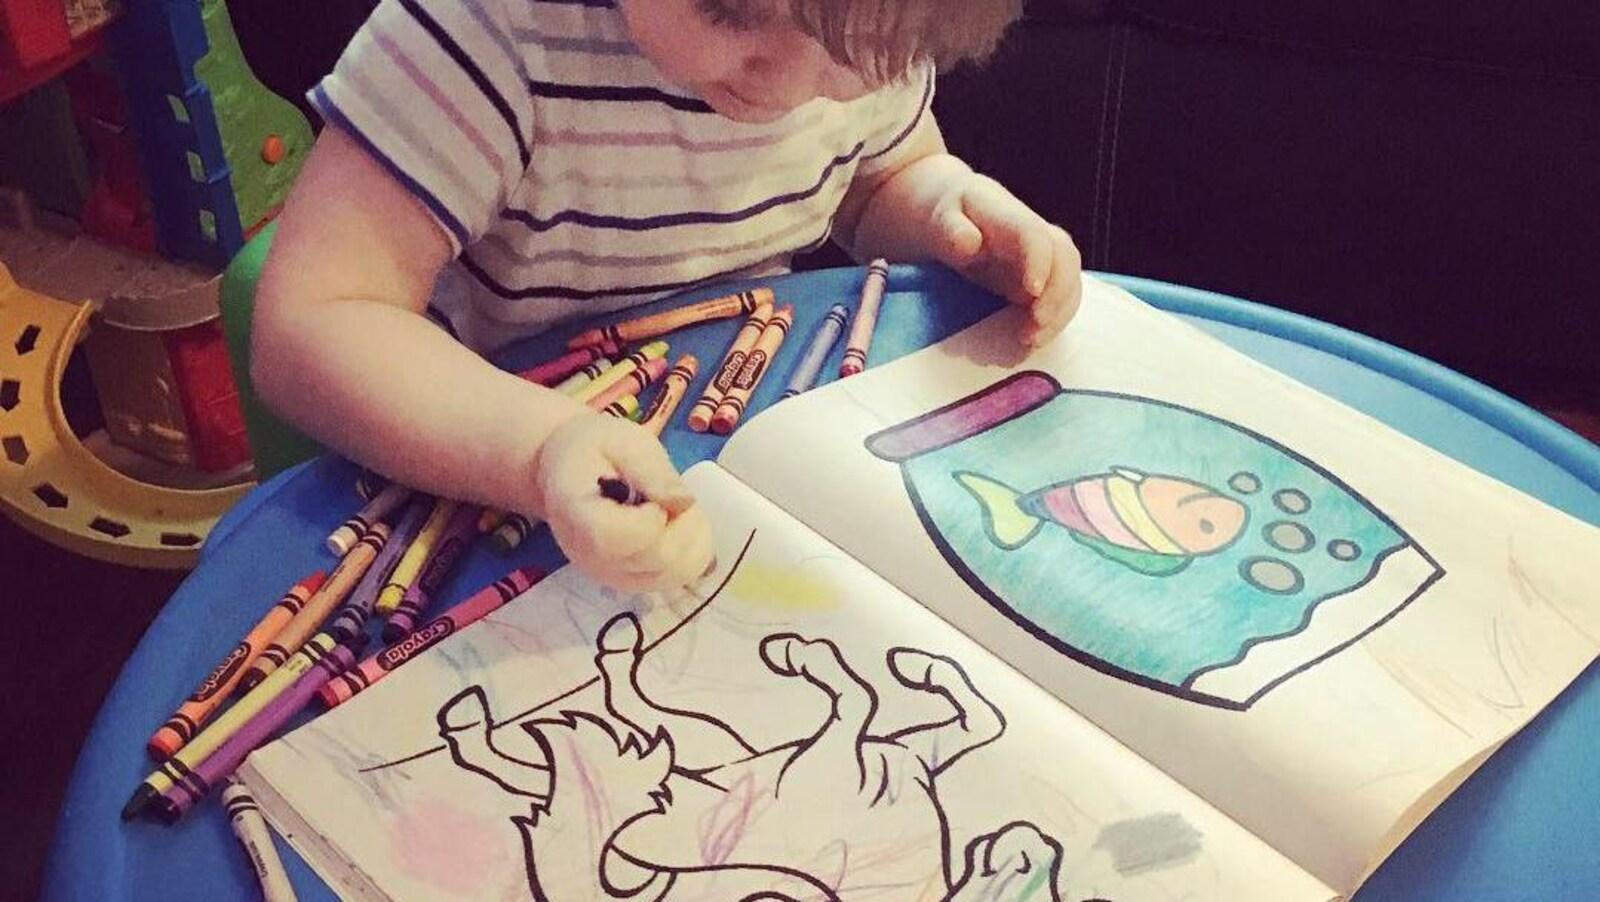 Une petite fille en train de colorier un dessin de cheval avec des crayons de cire.